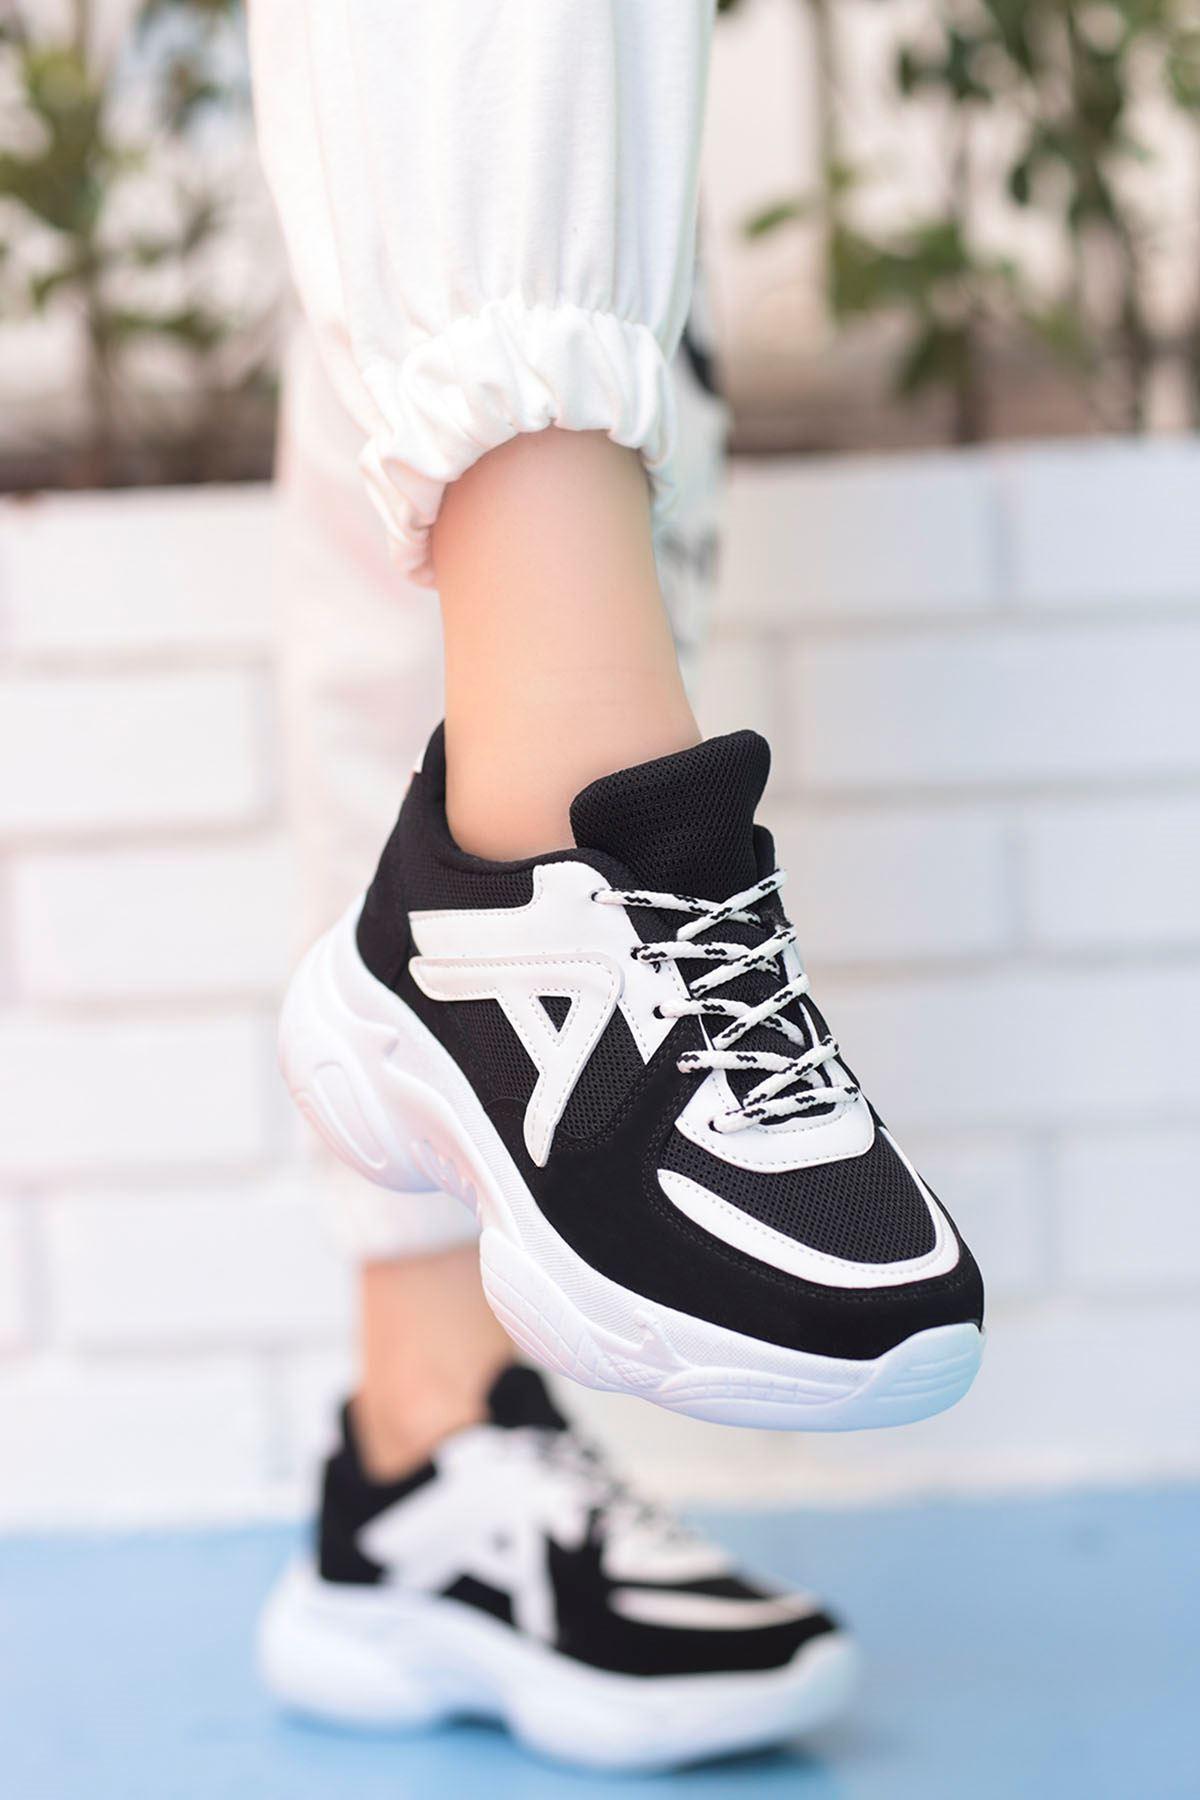 Afra A Detay Spor Ayakkabı Siyah Beyaz Taban